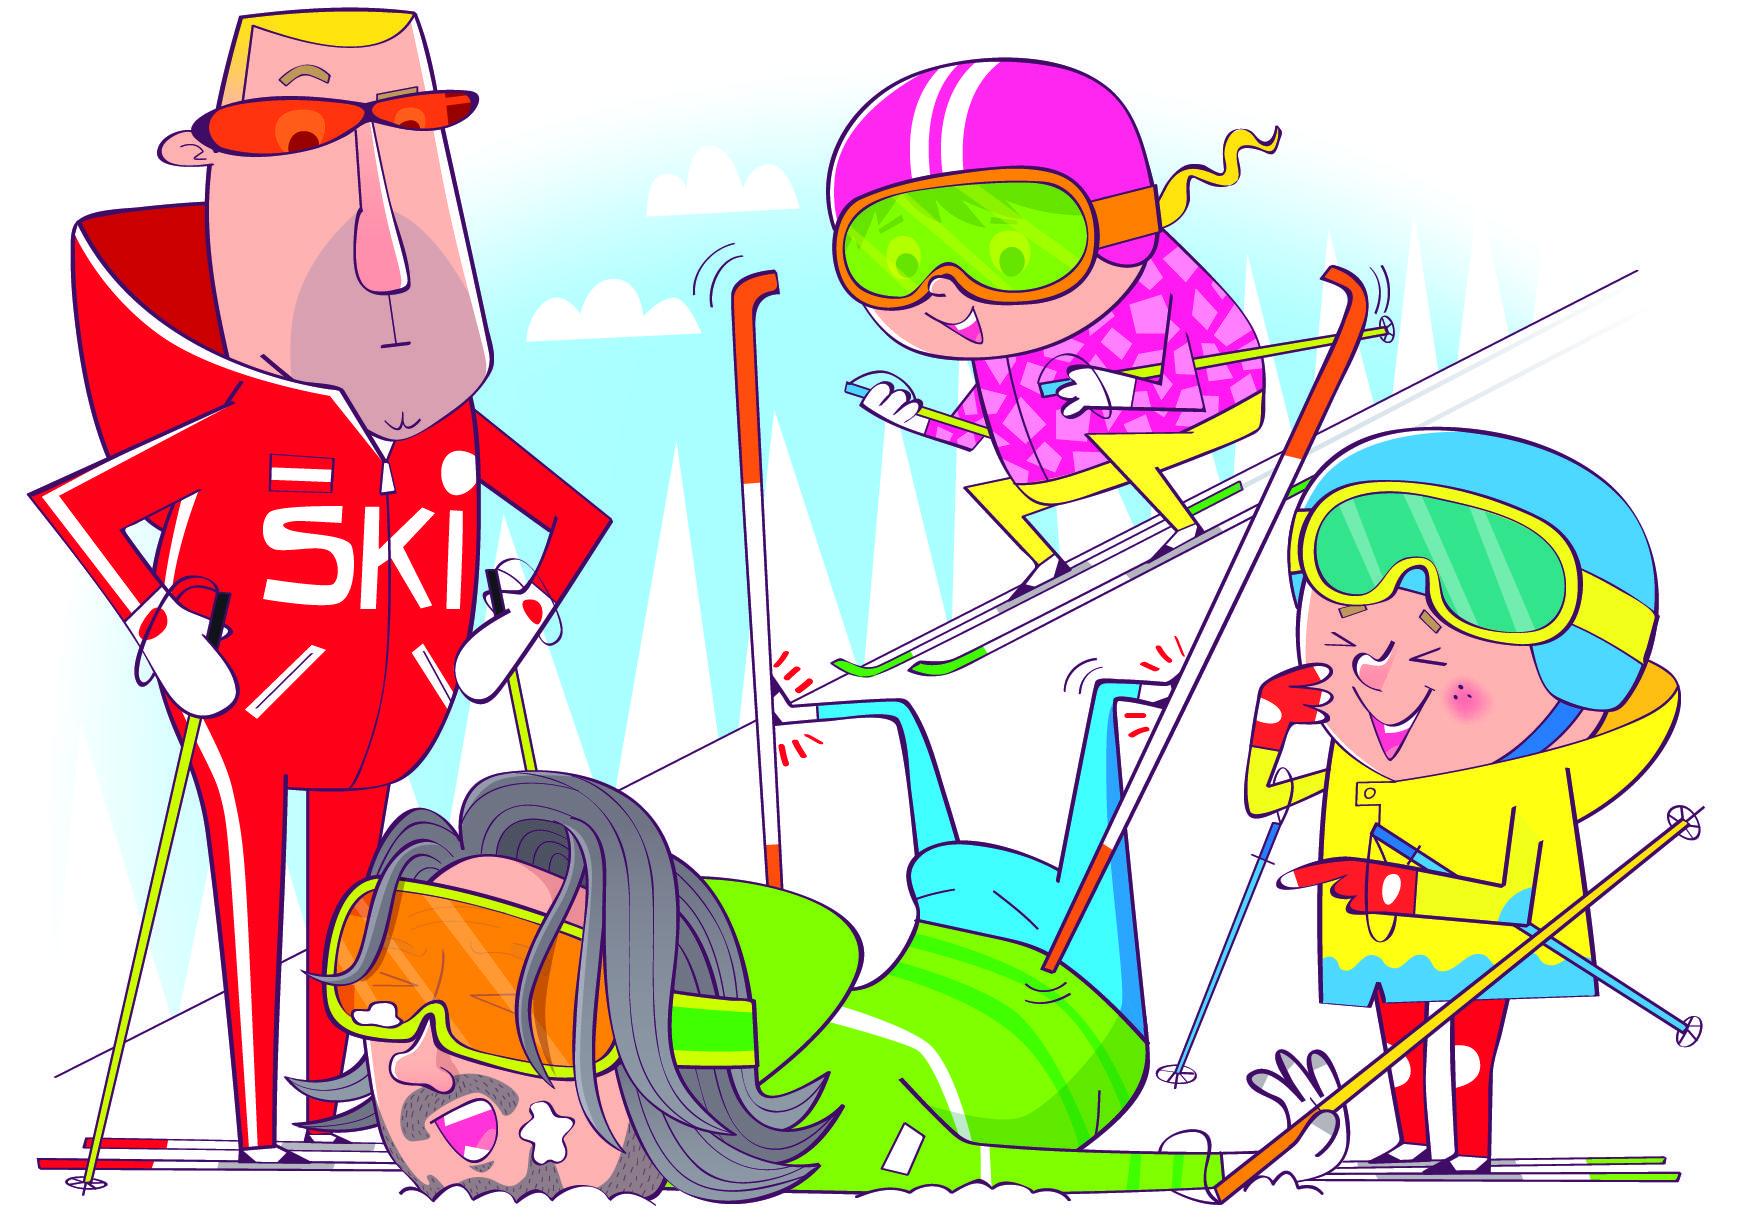 Richard Herring: Skiing? I won't be making it a Hobbit